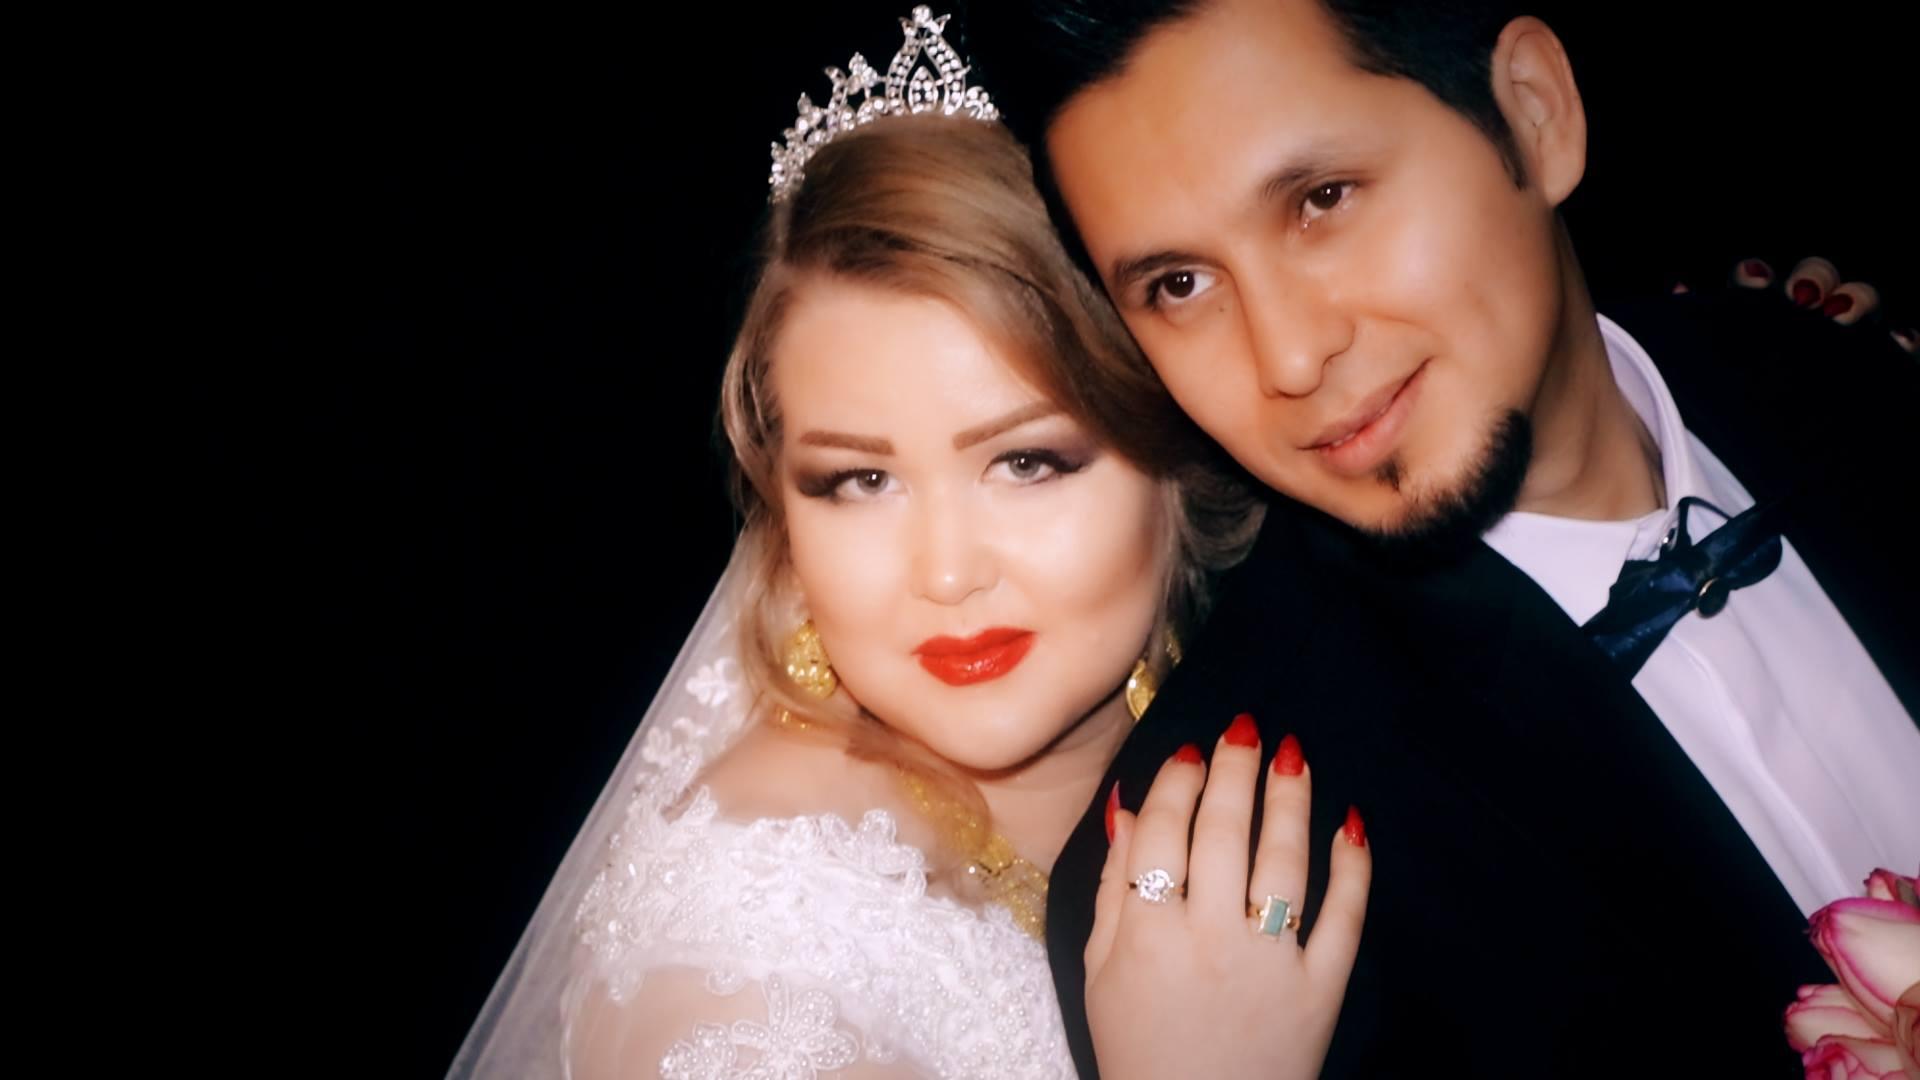 Anna Knappe & Amir Jan: Sham Marriage